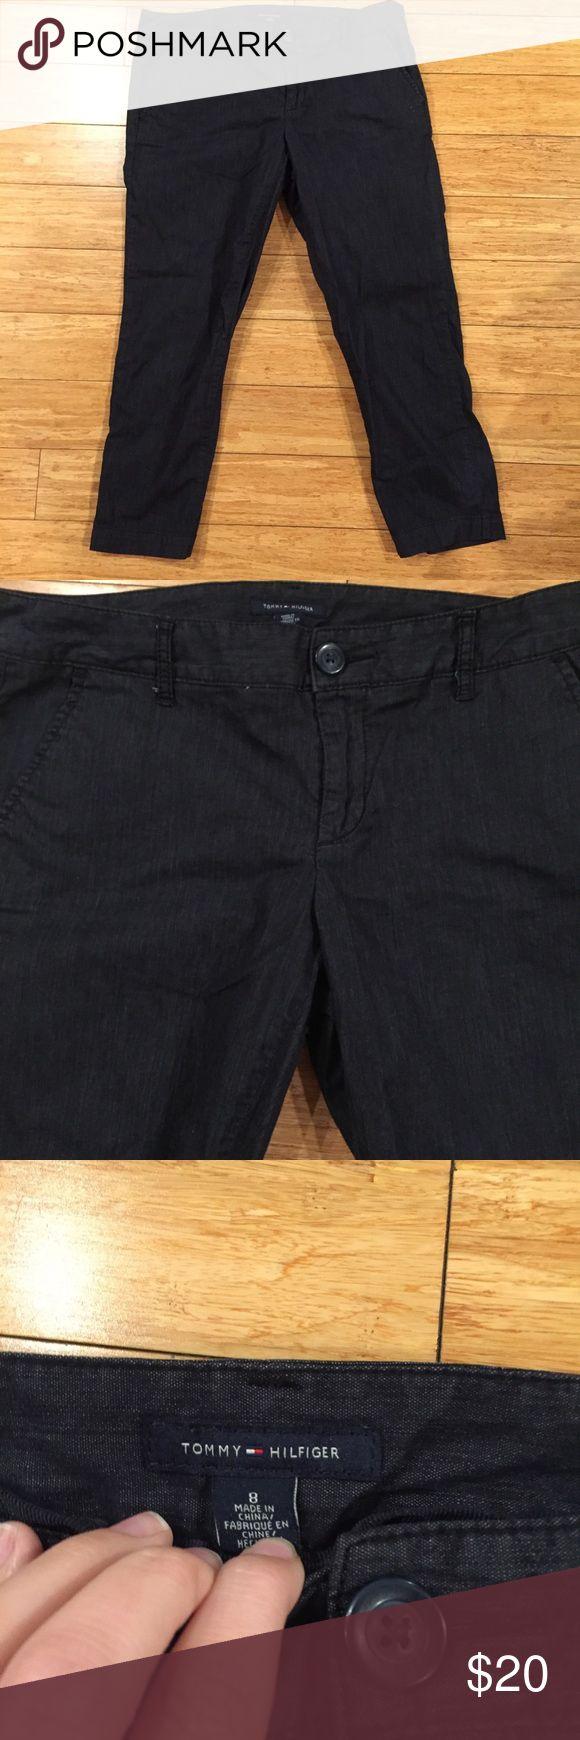 Dark wash Tommy Hilfiger capris size 8 Women's Tommy Hilfiger capris size 8. No trades. Reasonable offers! Tommy Hilfiger Pants Capris